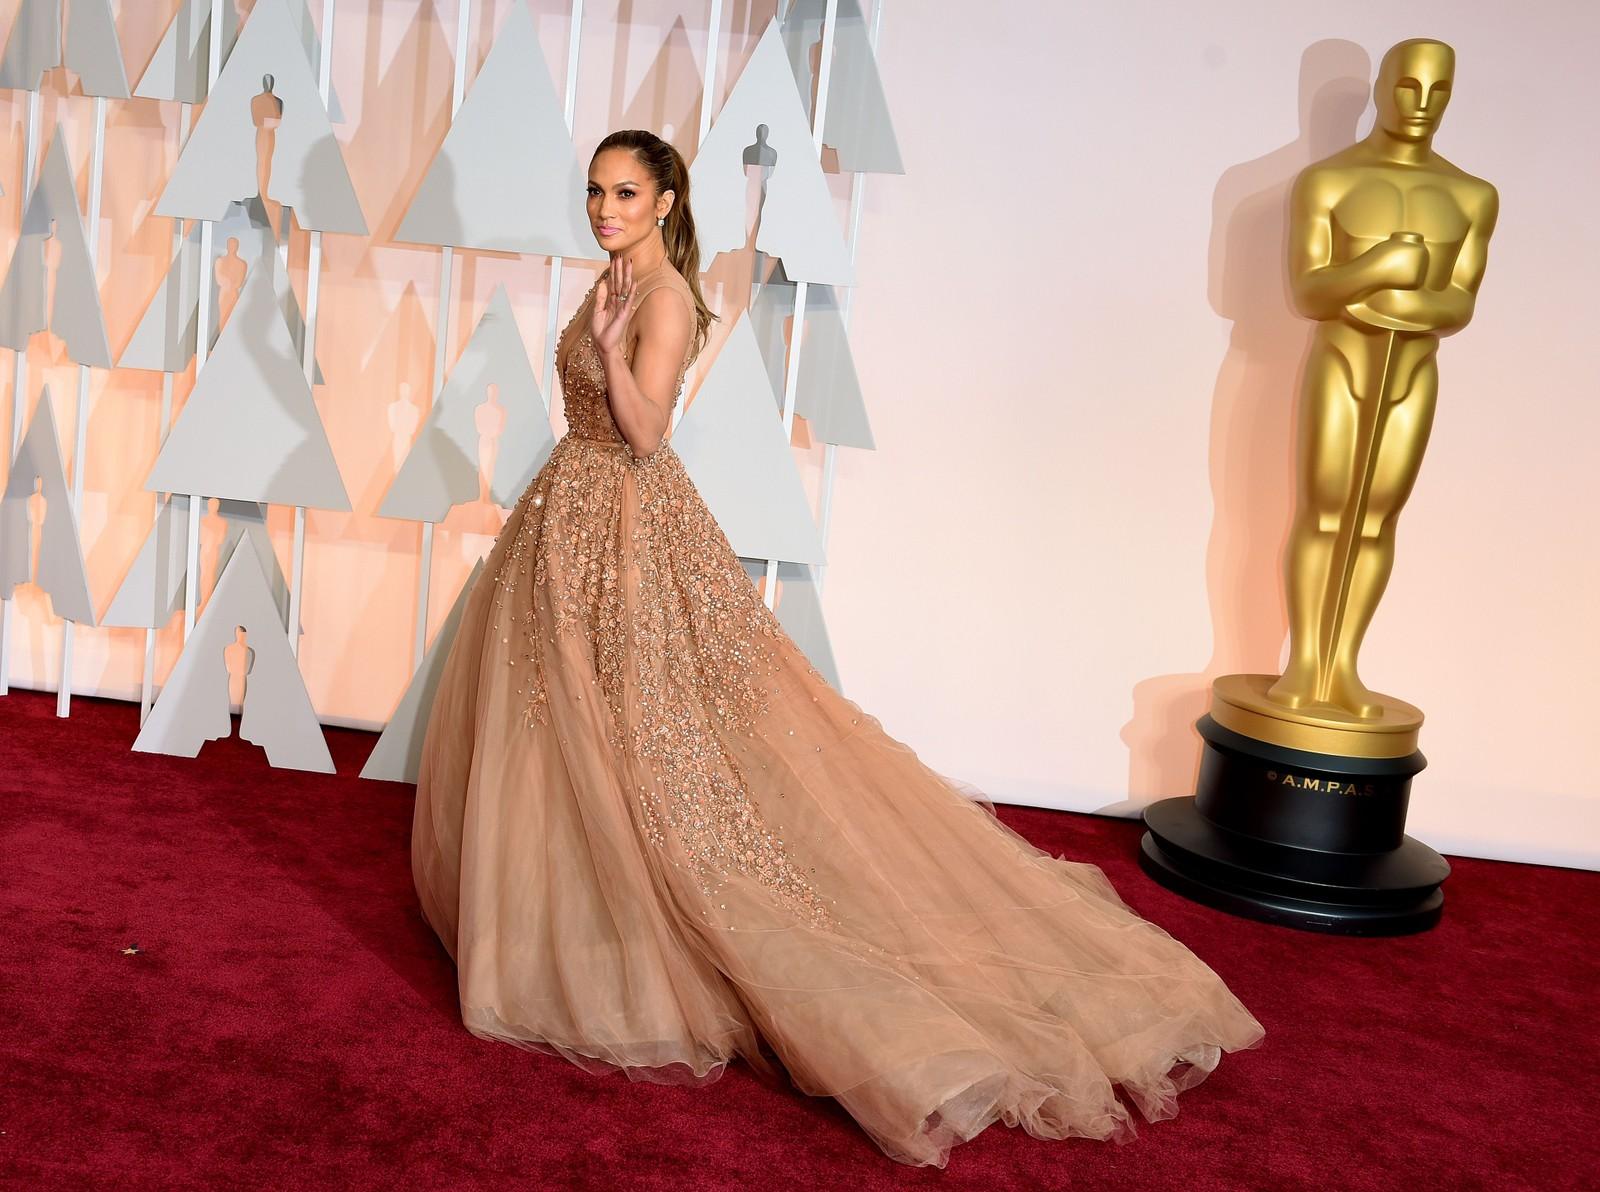 TREDJE VERST: Kjole med så masse tyll at J-Lo snubla på vei ut av scena, mener NRKs ekspert om Jennifer Lopez.